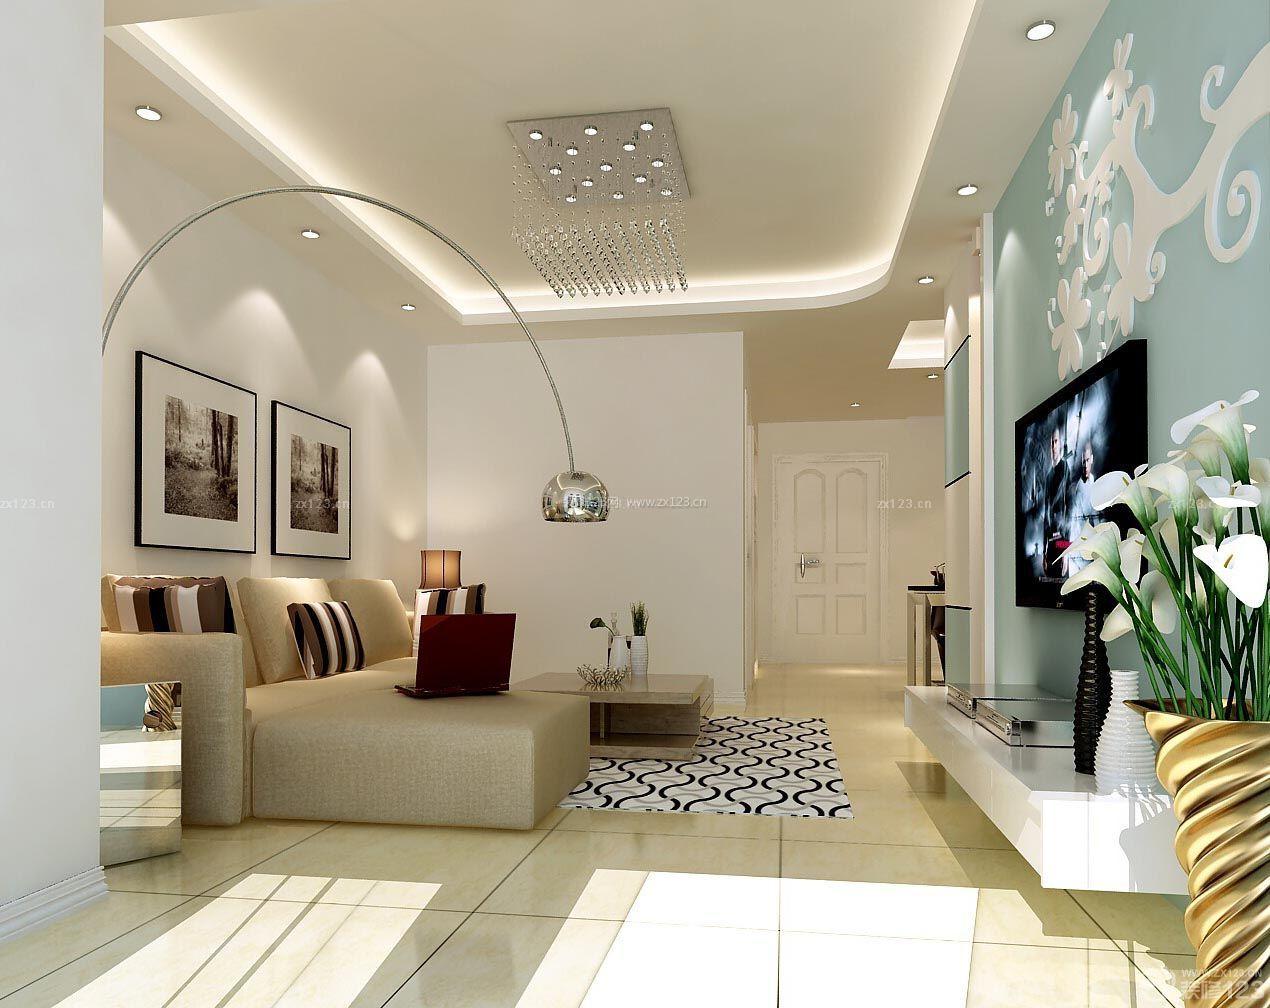 现代90平米房屋小客厅装修效果图大全2015